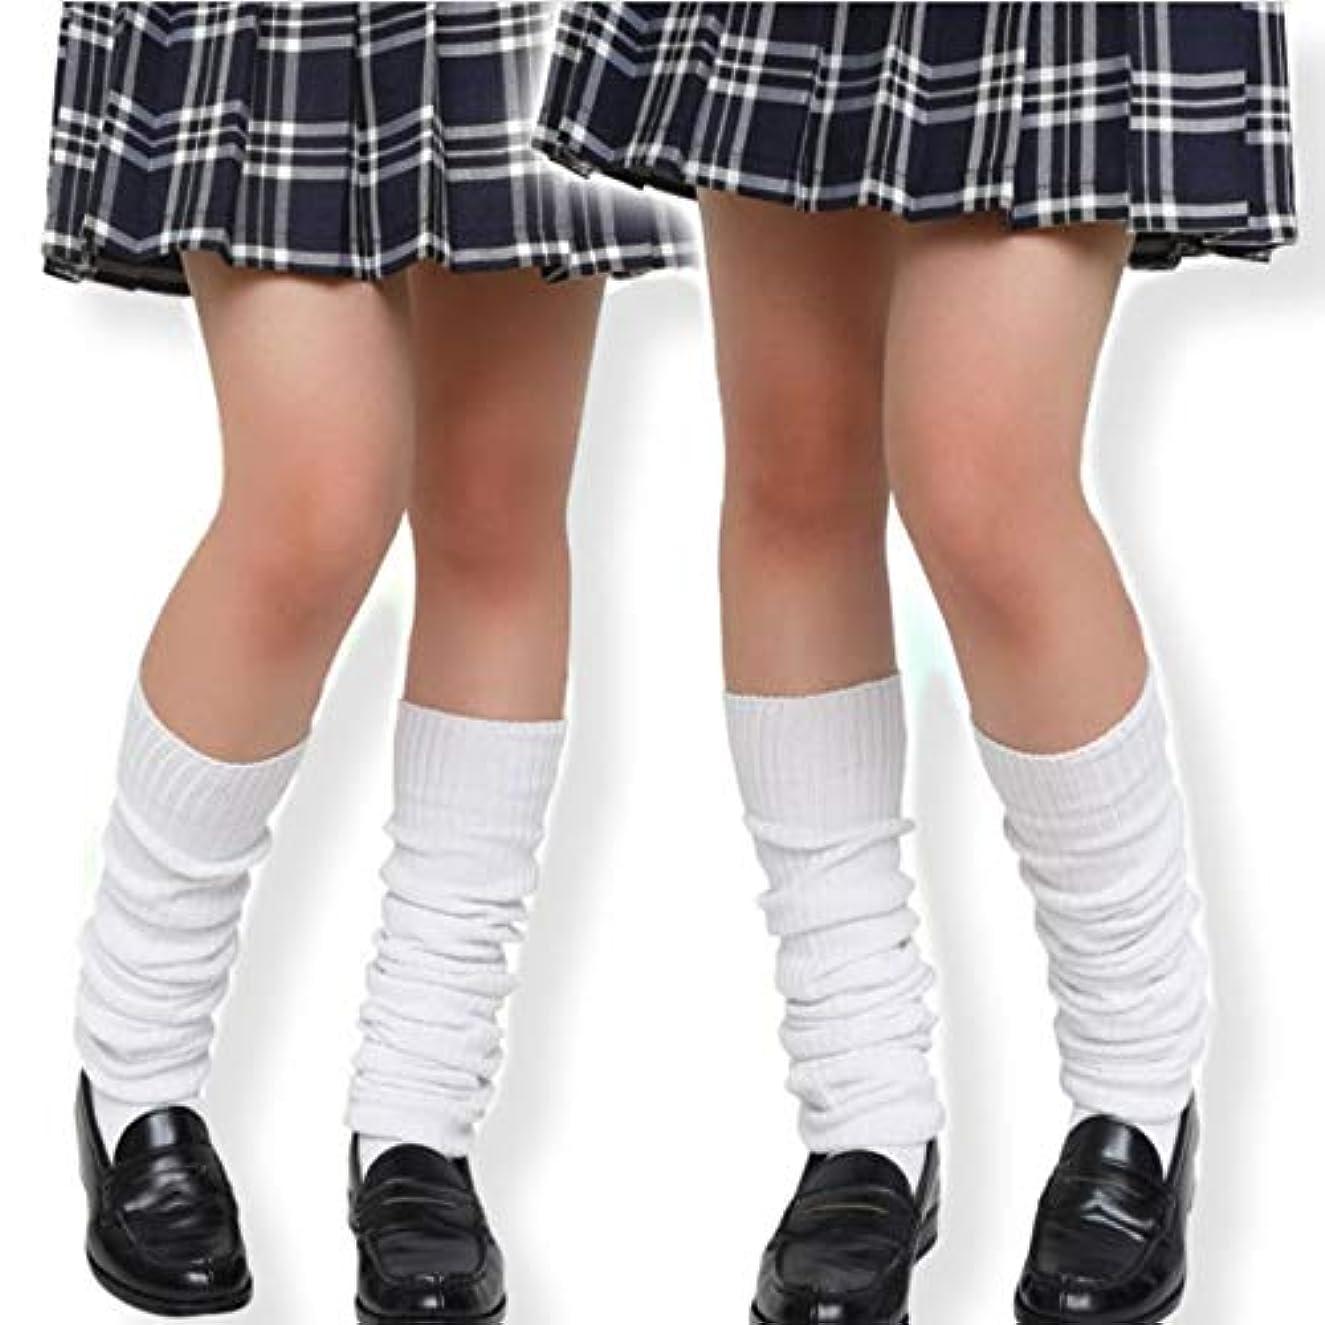 老人華氏池[Arunreas] ルーズソックス コスプレ コスチューム 女子高生 JK 制服 セーラー服 靴下 80cm 100cm 120cm 3サイズ 女子 ストッキング (100cm)